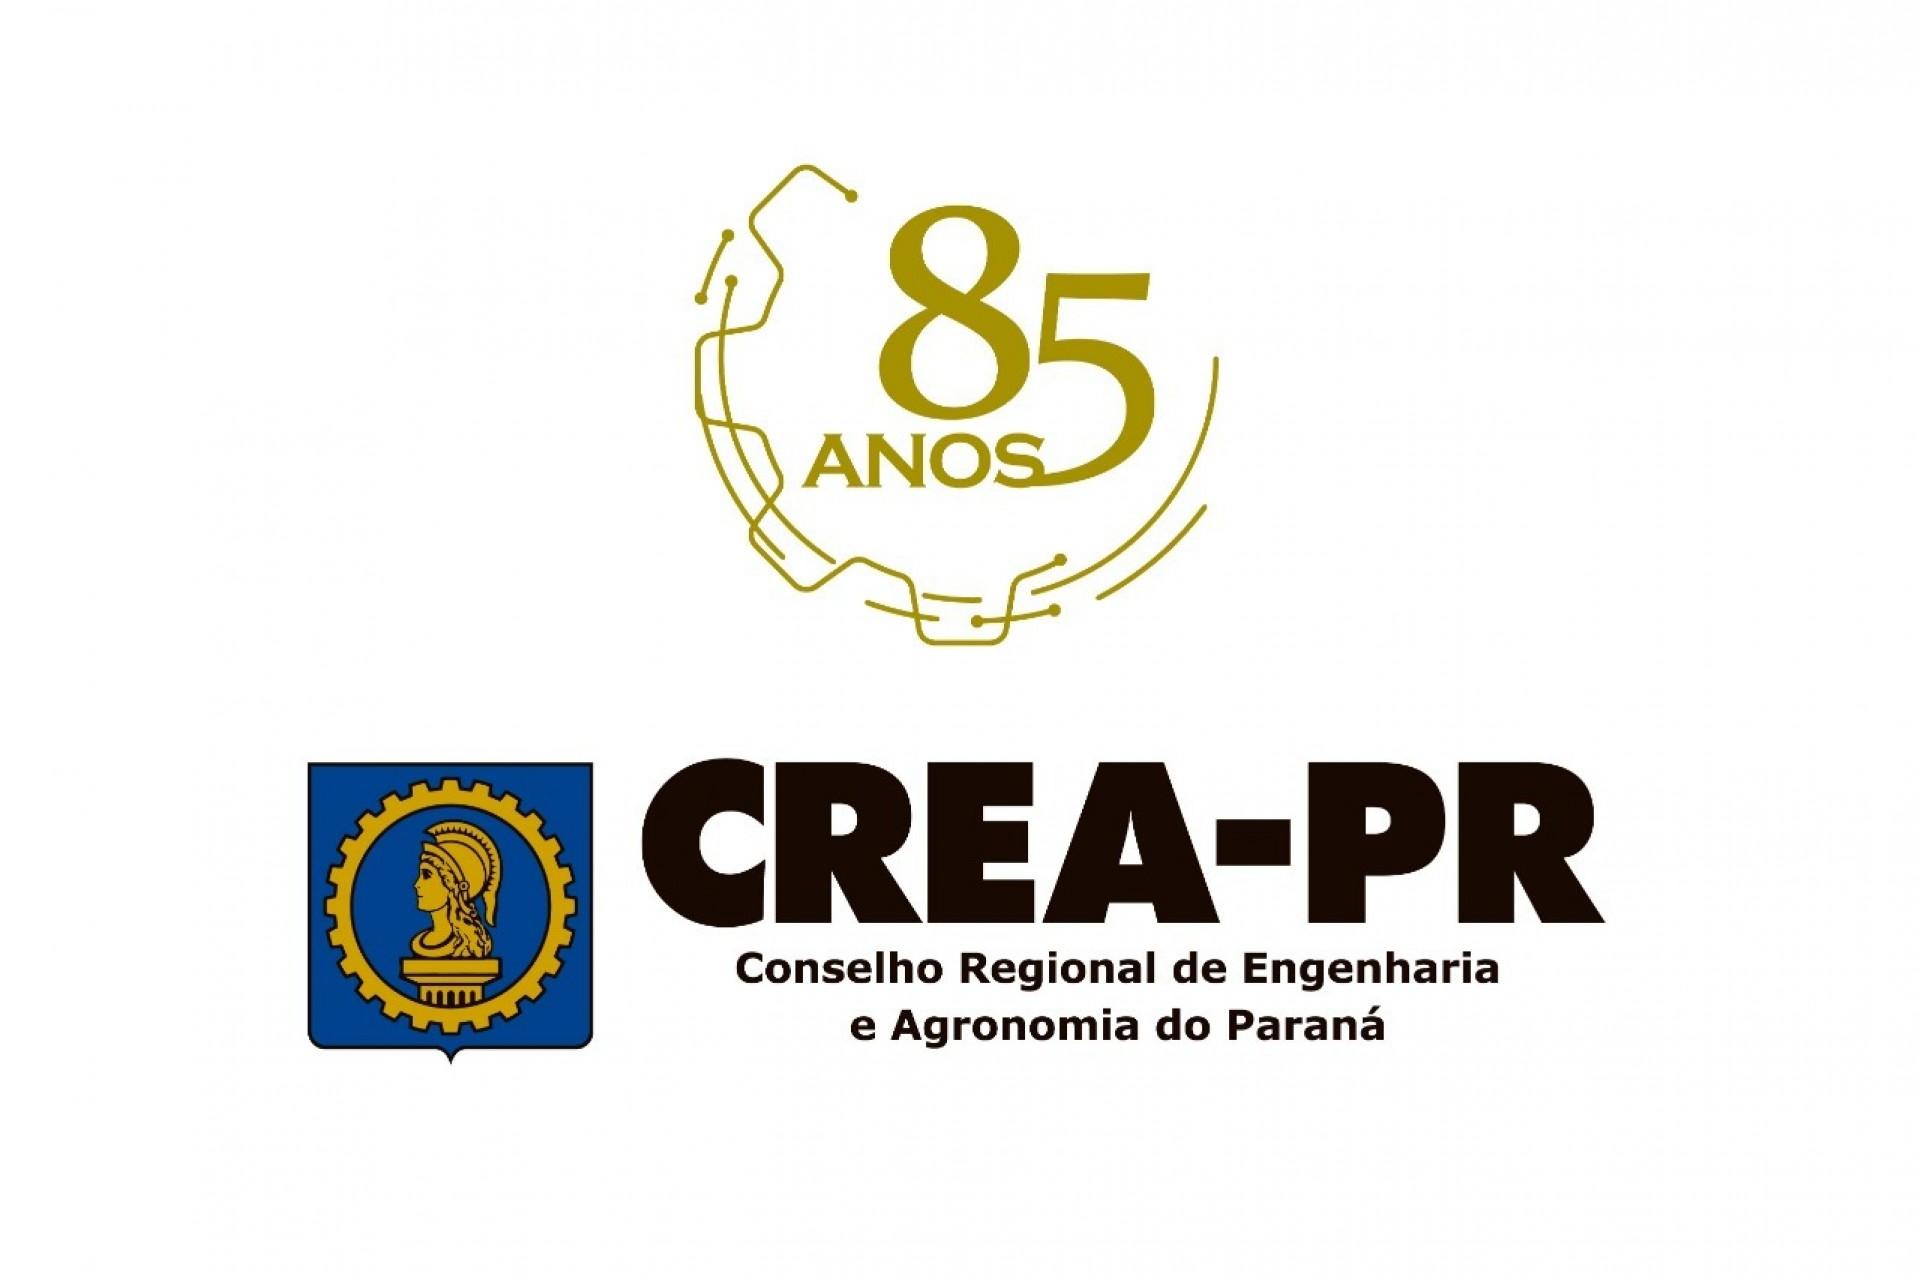 Concurso CREA-PR: vagas com salários de até R$ 6.505